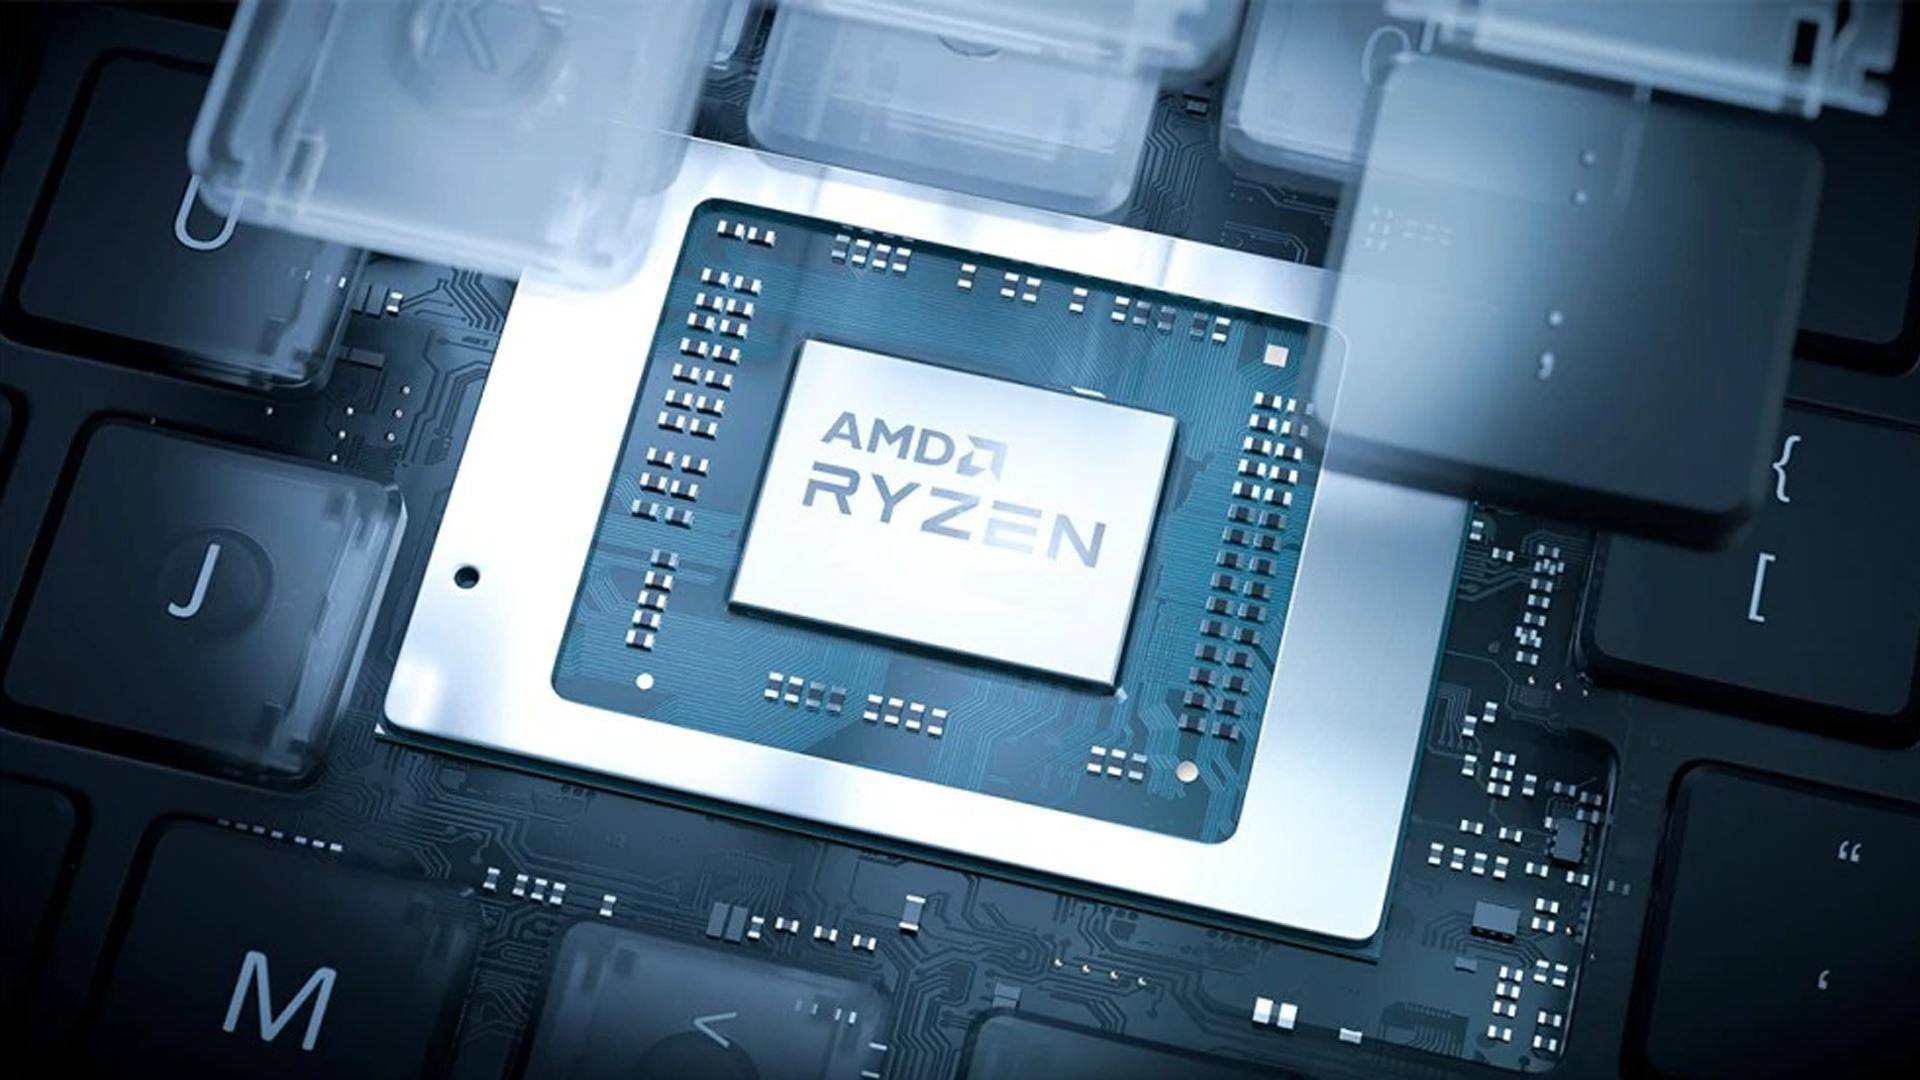 تسريبات جديدة بخصوص معالجات AMD المحمولة القادمة بعد Rembrandt !!